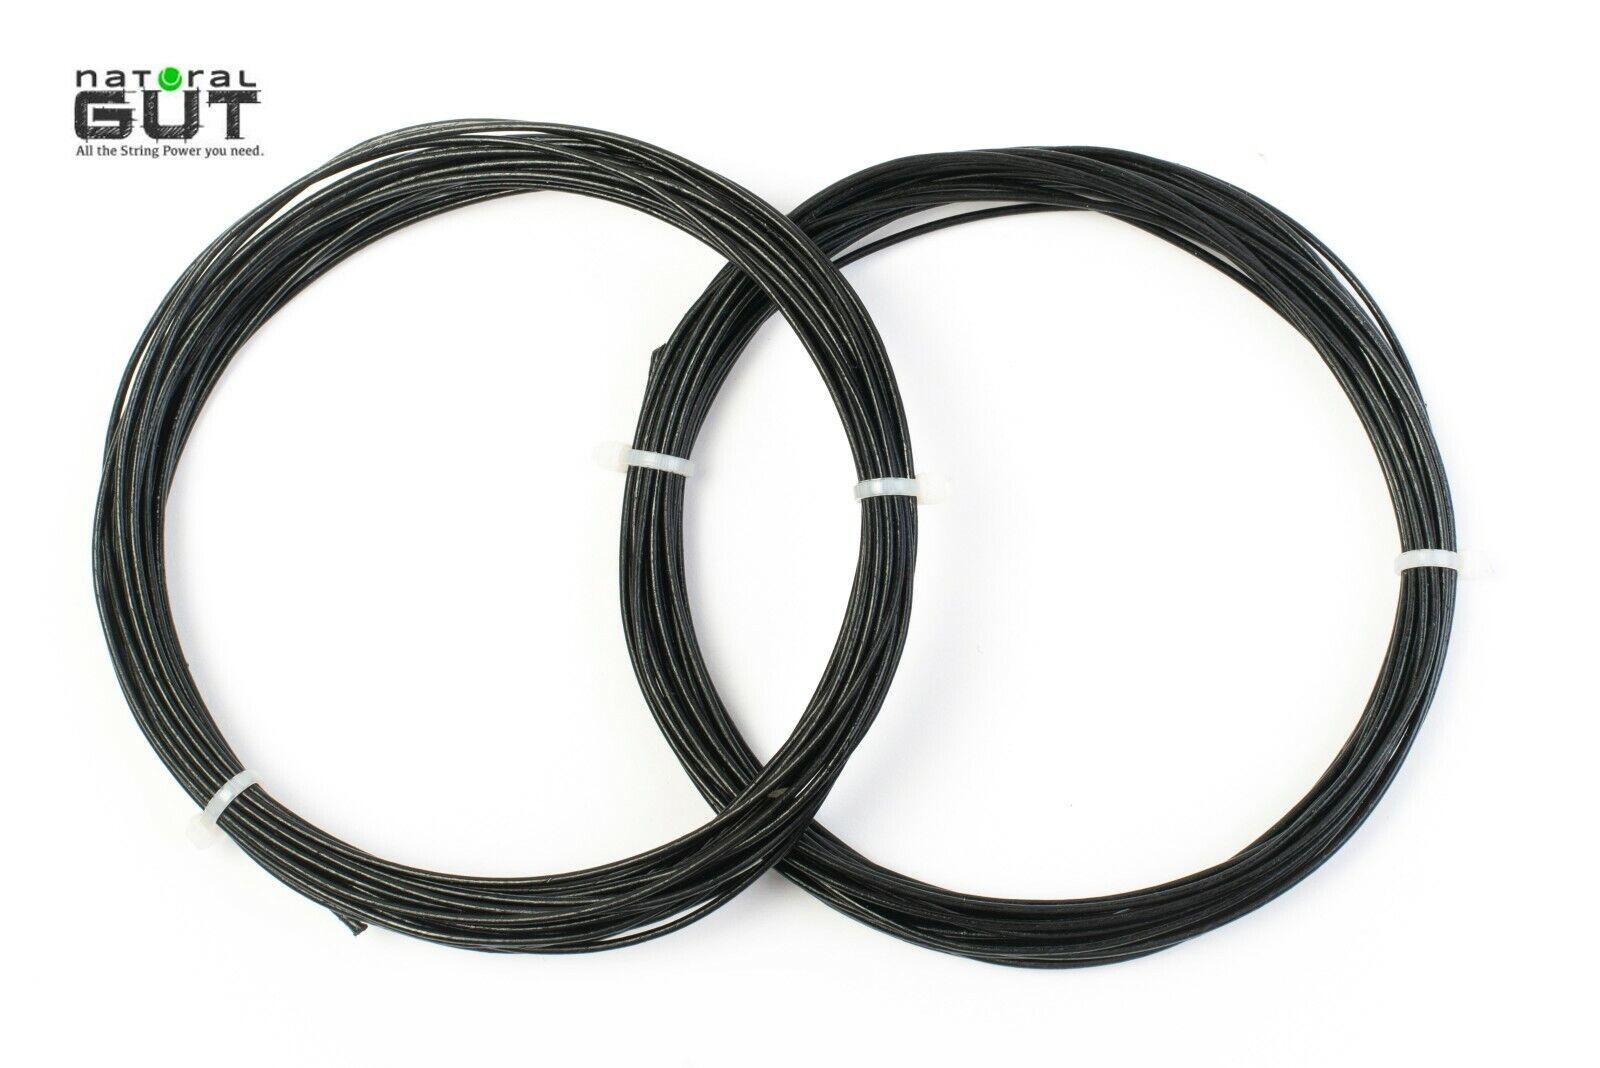 3 Sets N. G.  W. 17G V5 100% Natural Gut Raqueta Tenis Cuerda Negro Color 40feet  genuina alta calidad